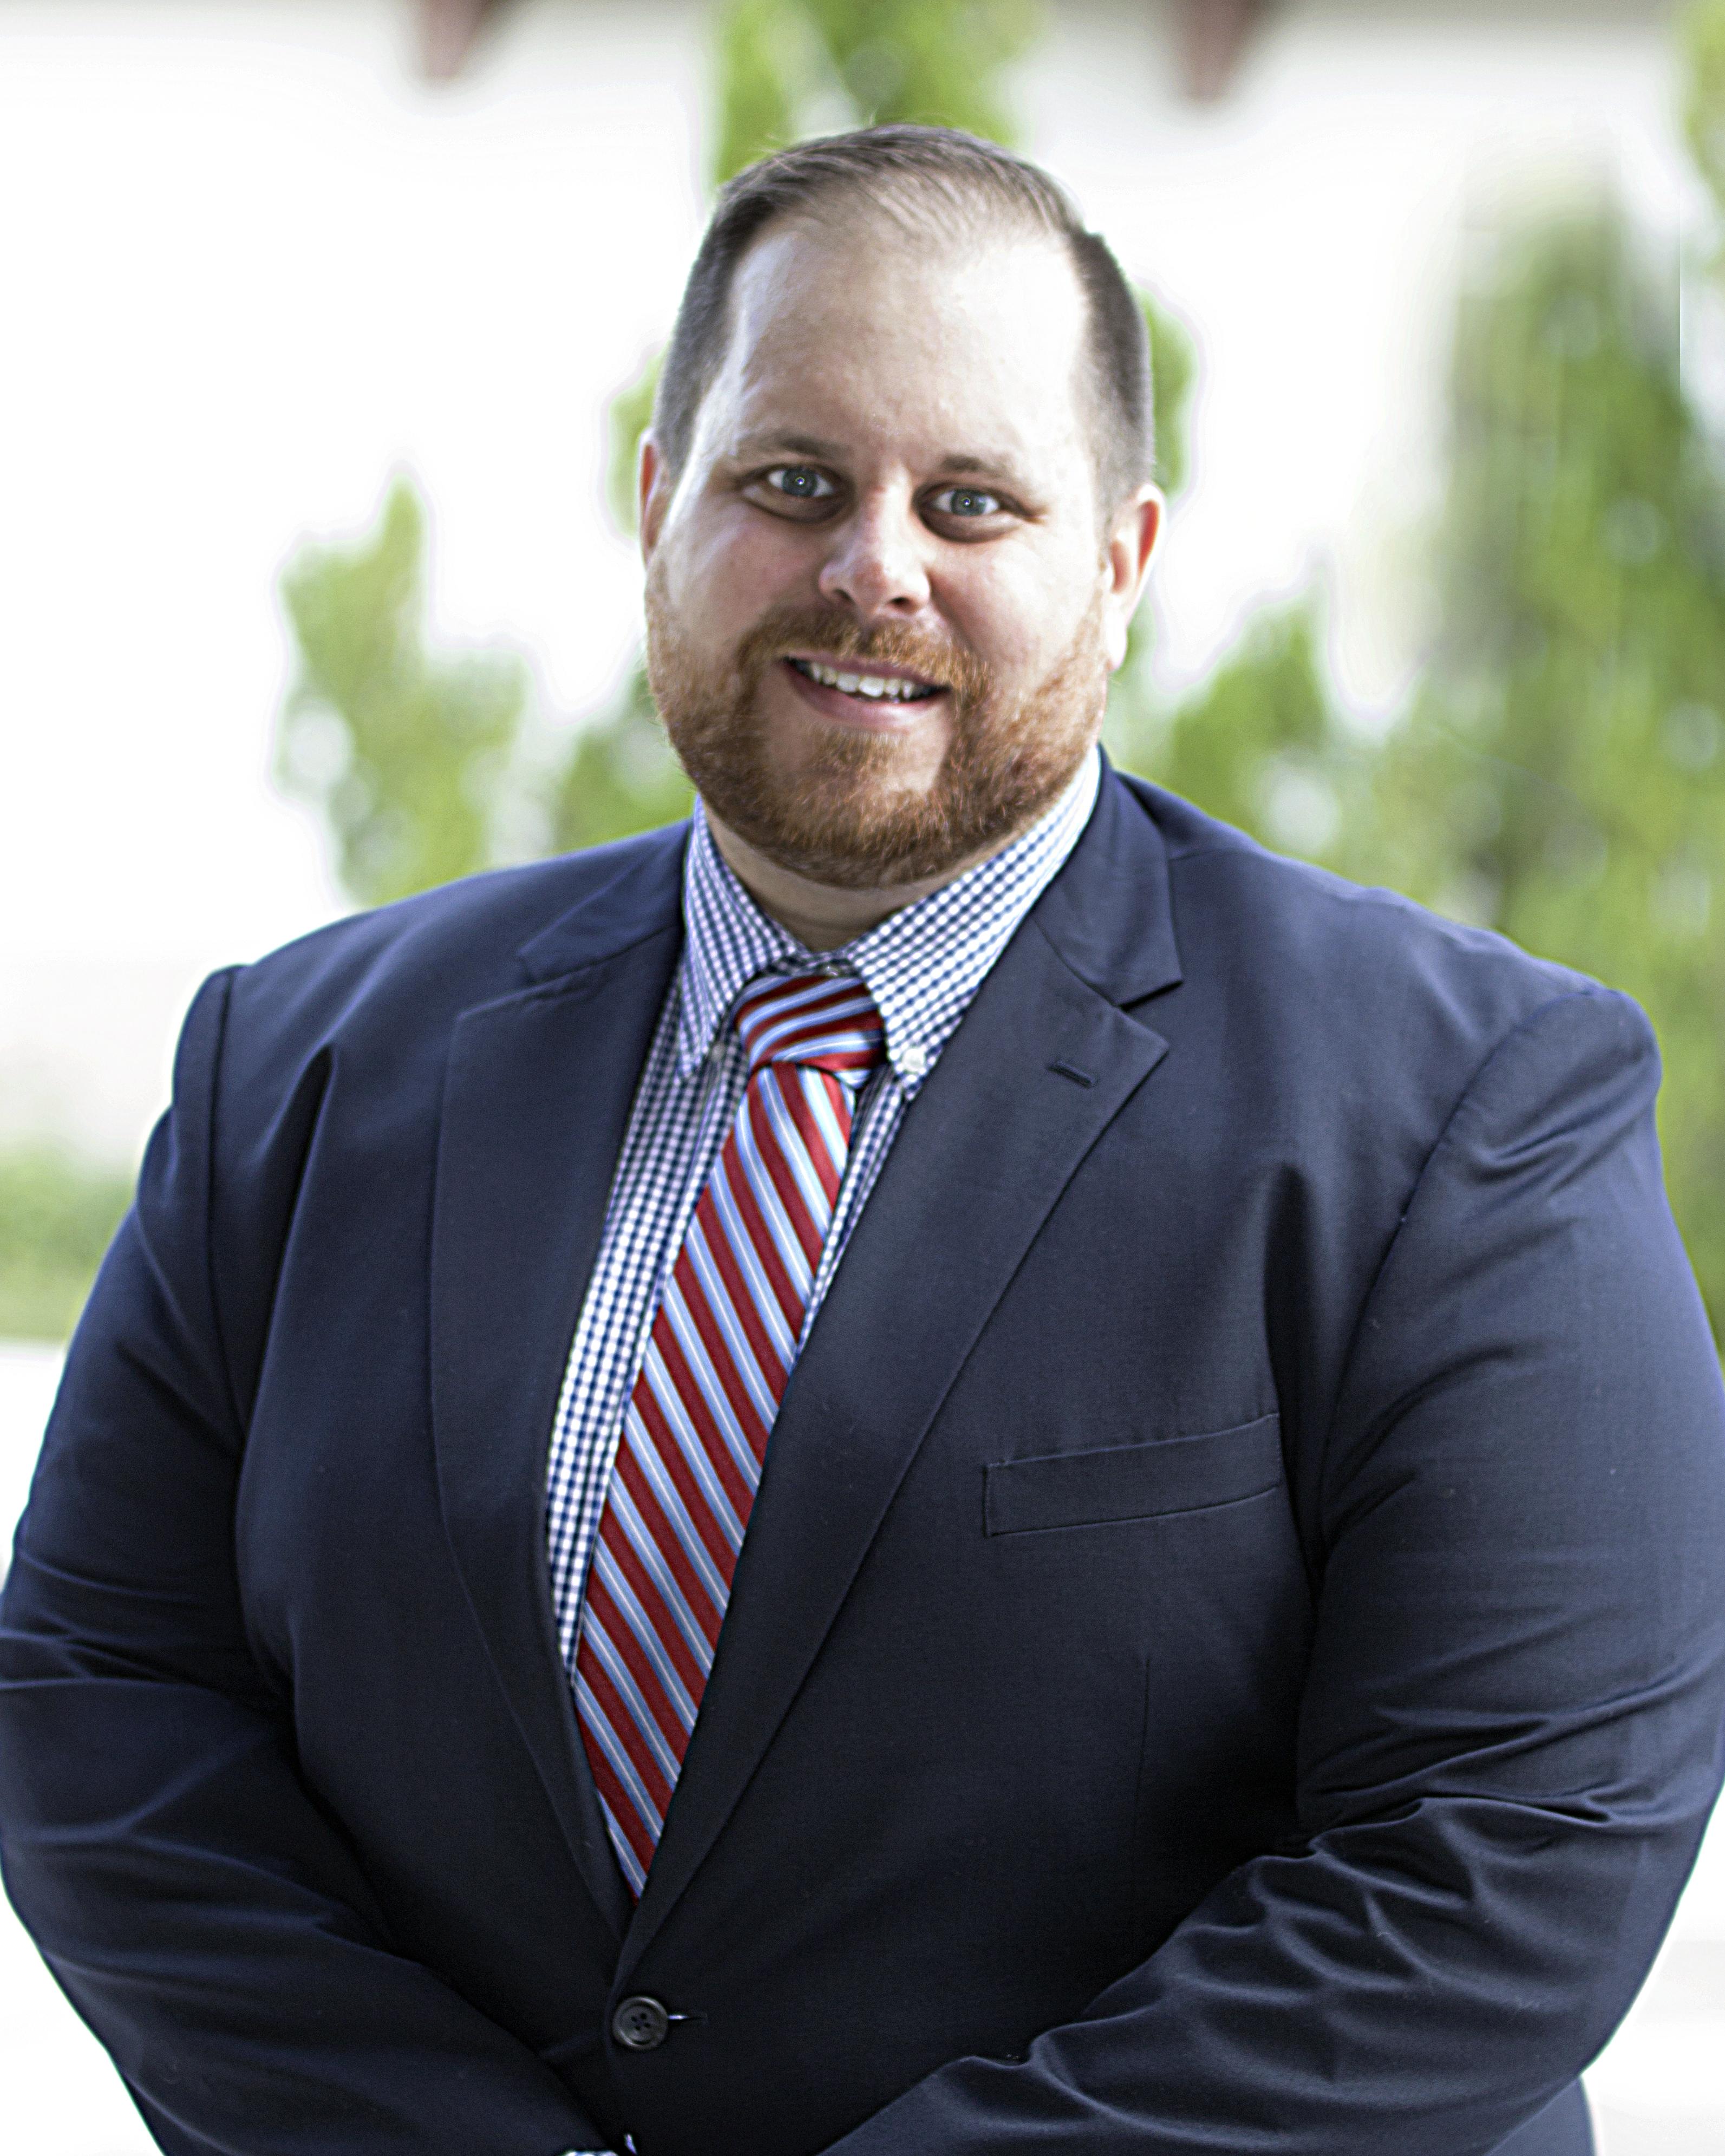 Scott Drabczyk